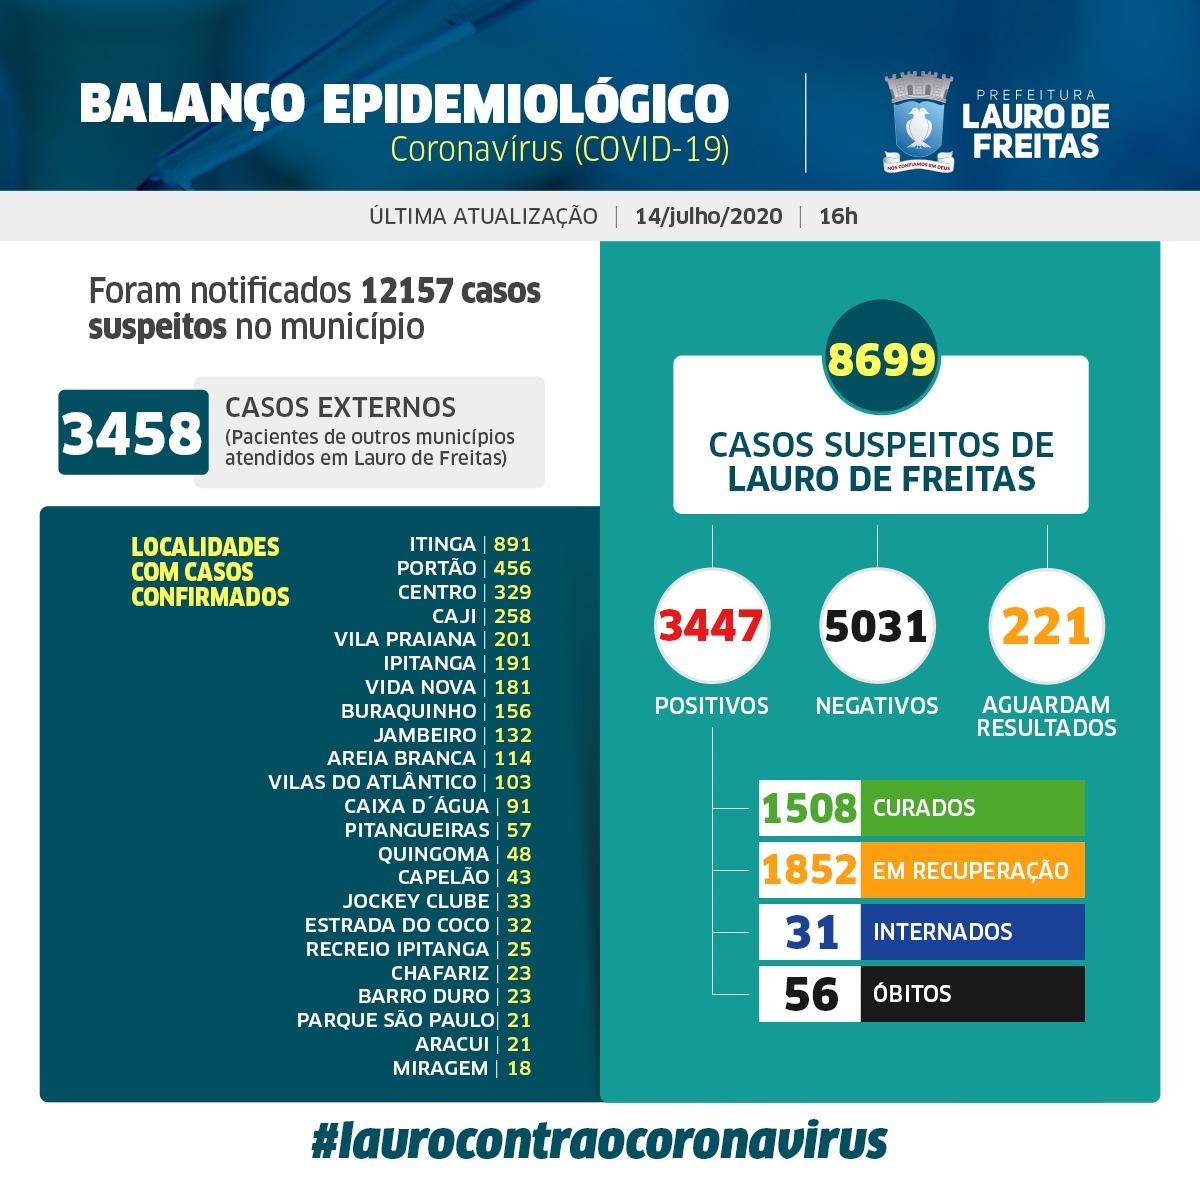 Se ligue no Boletim epidemiológico da Covid-19 da Prefeitura de Lauro de Freitas!